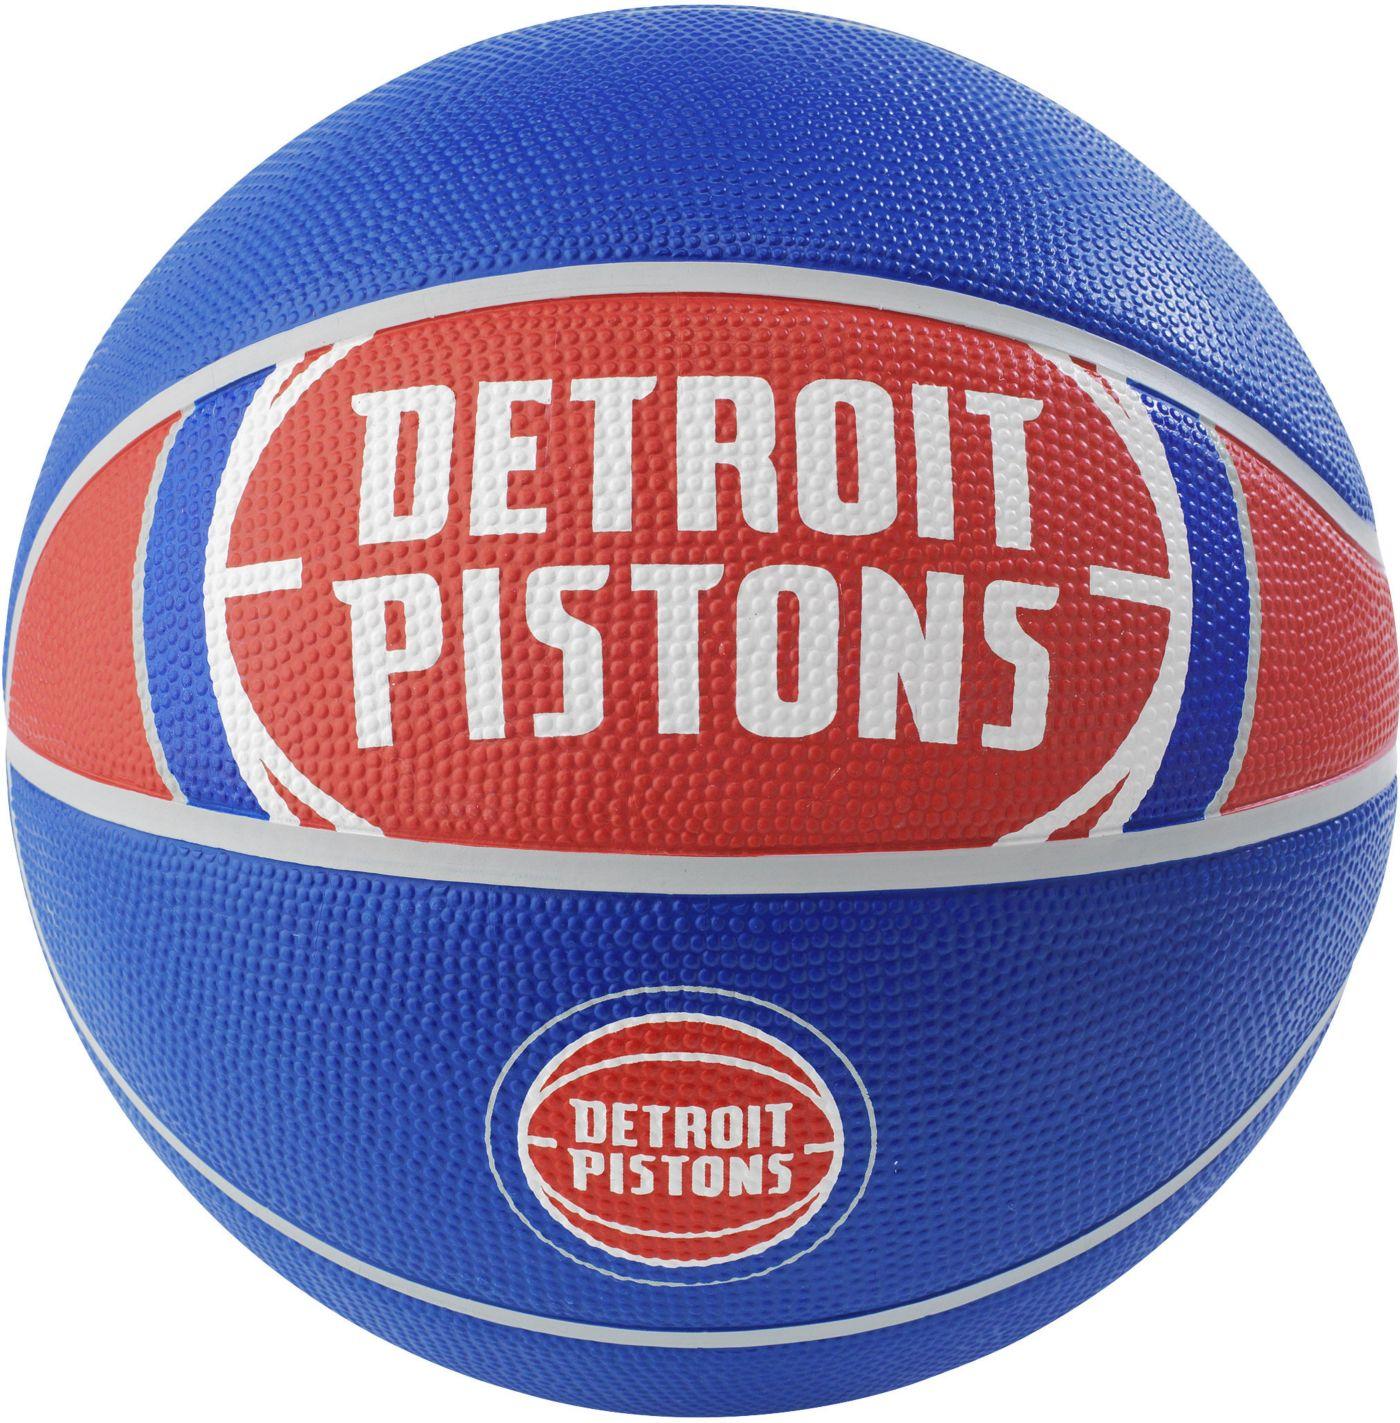 Spalding Detroit Pistons Full-Sized Court Side Basketball